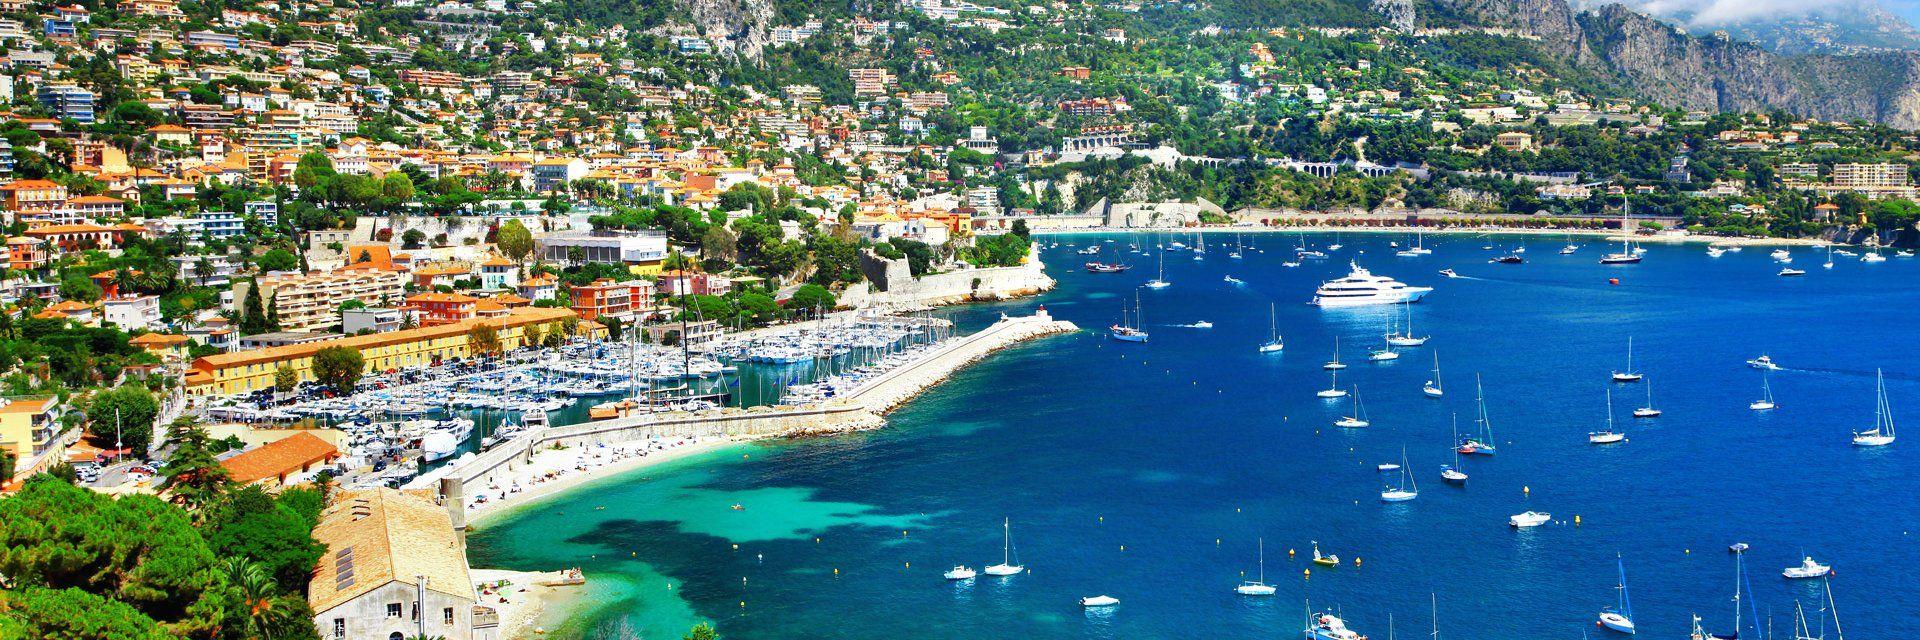 Couleurs de Provence et Côte d'Azur